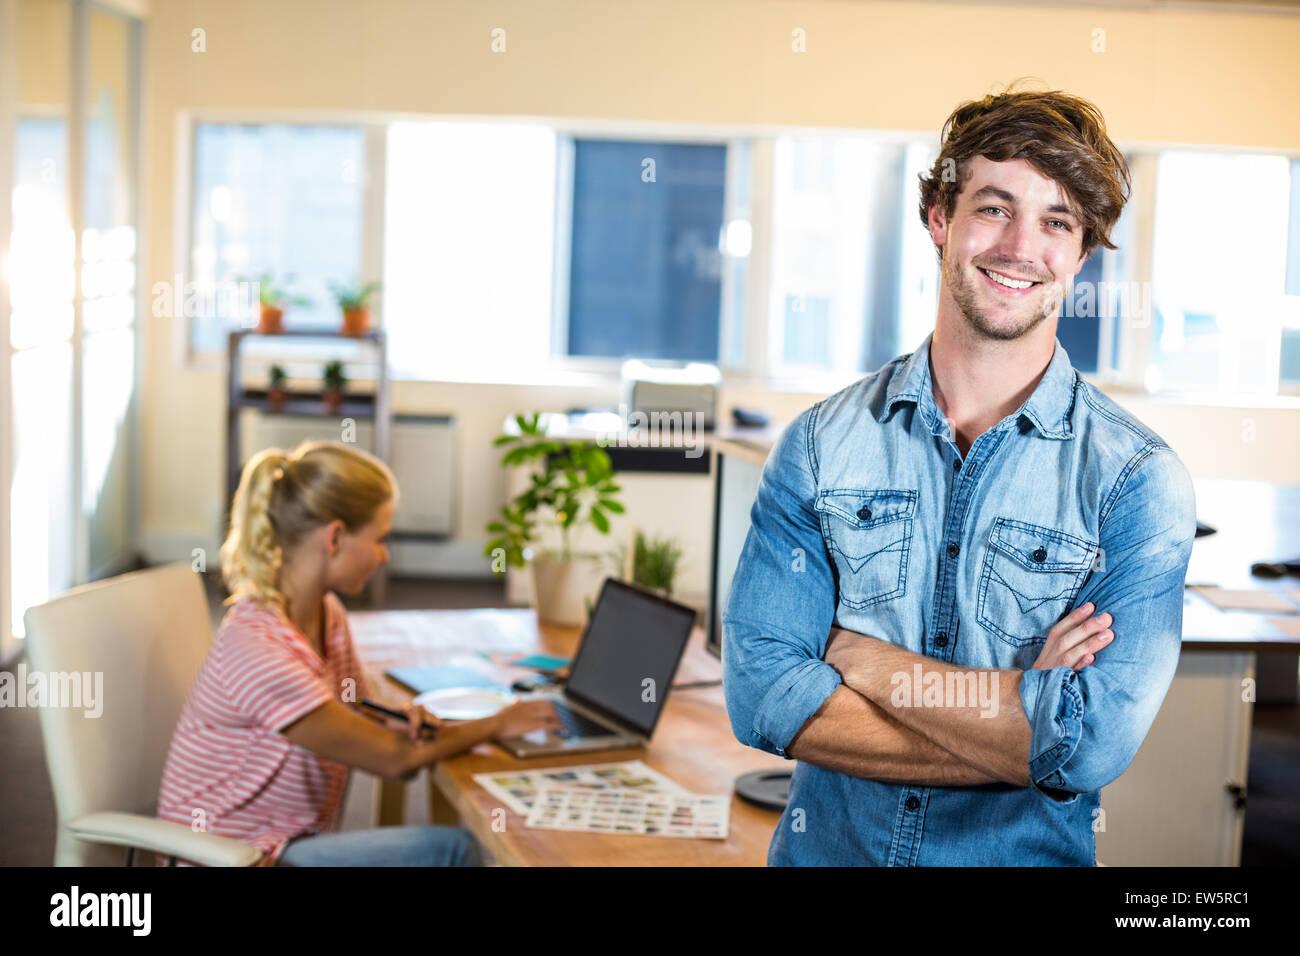 Geschäftsmann, posiert mit seinem Partner hinter ihm lächelnd Stockbild